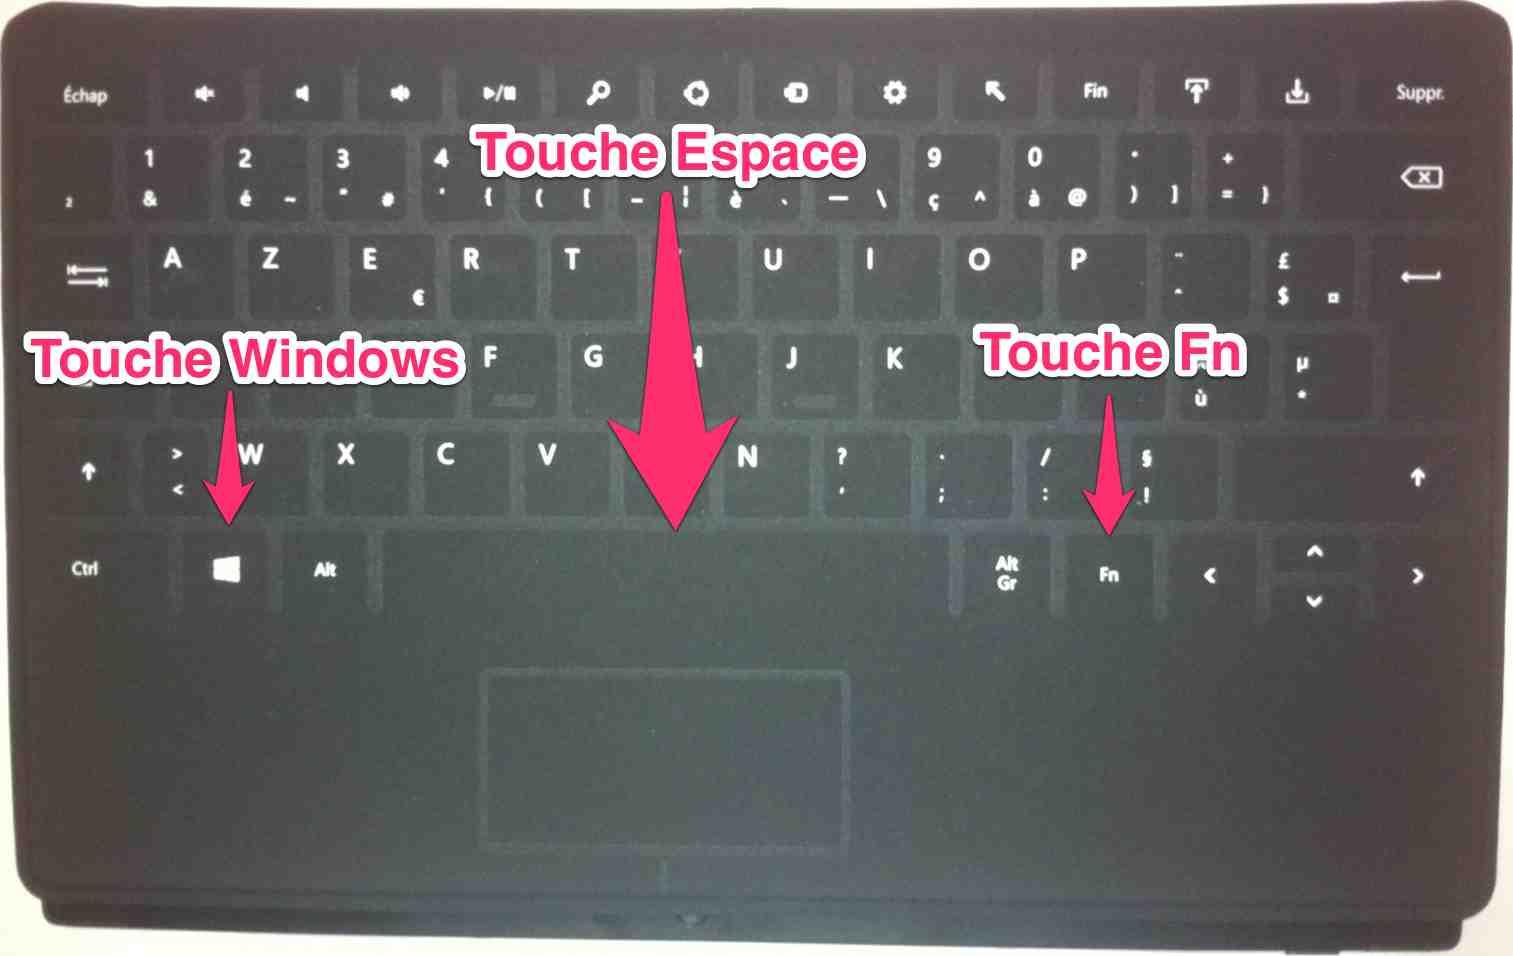 Faire une capture d cran sur une tablette tactile surface for Capture d42cran